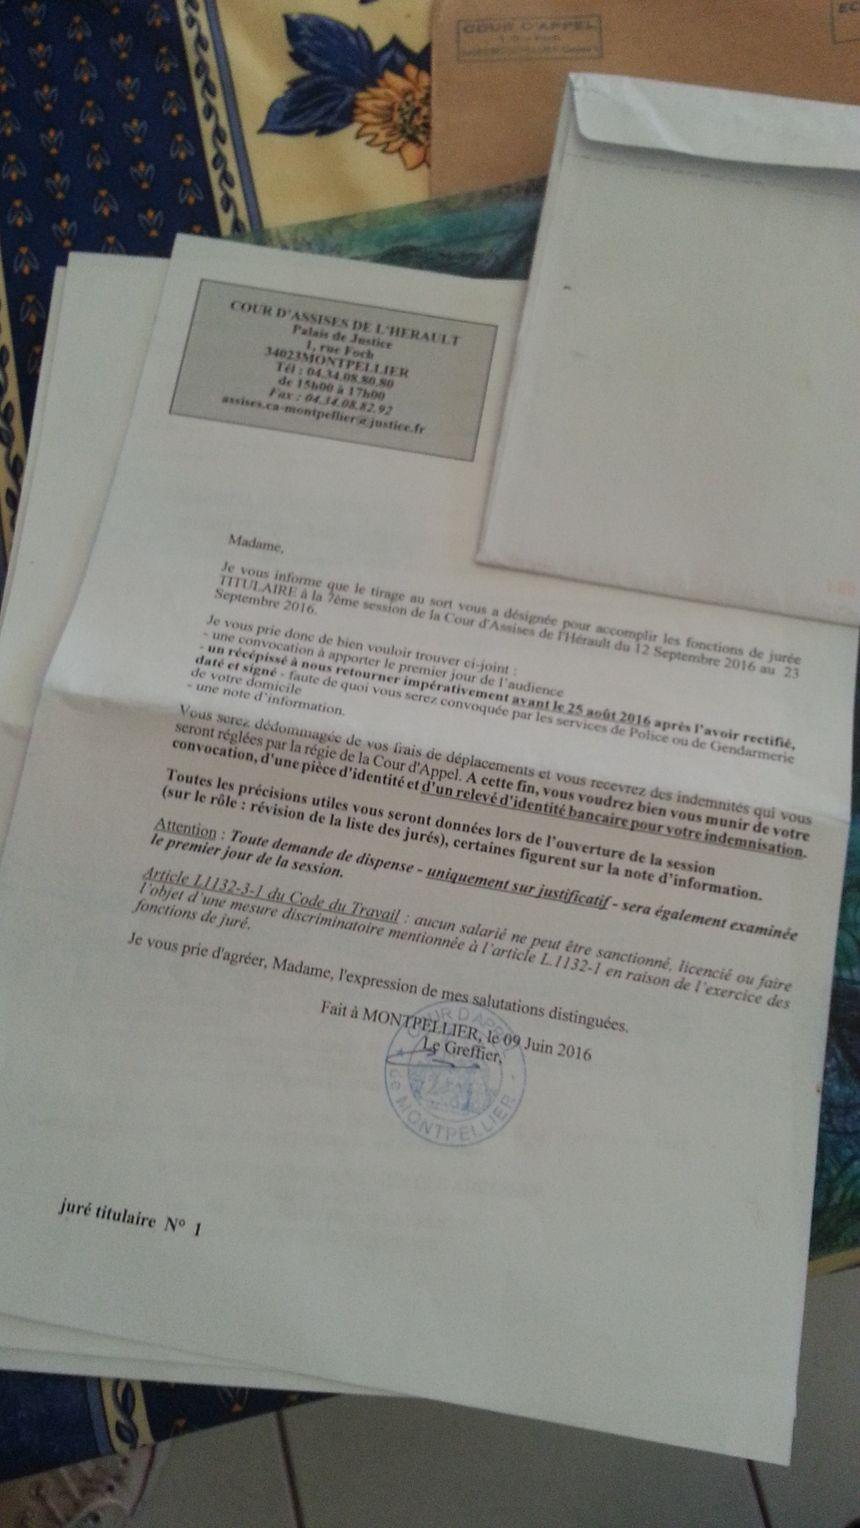 La lettre de convocation de  la cour d'assises de l'Hérault